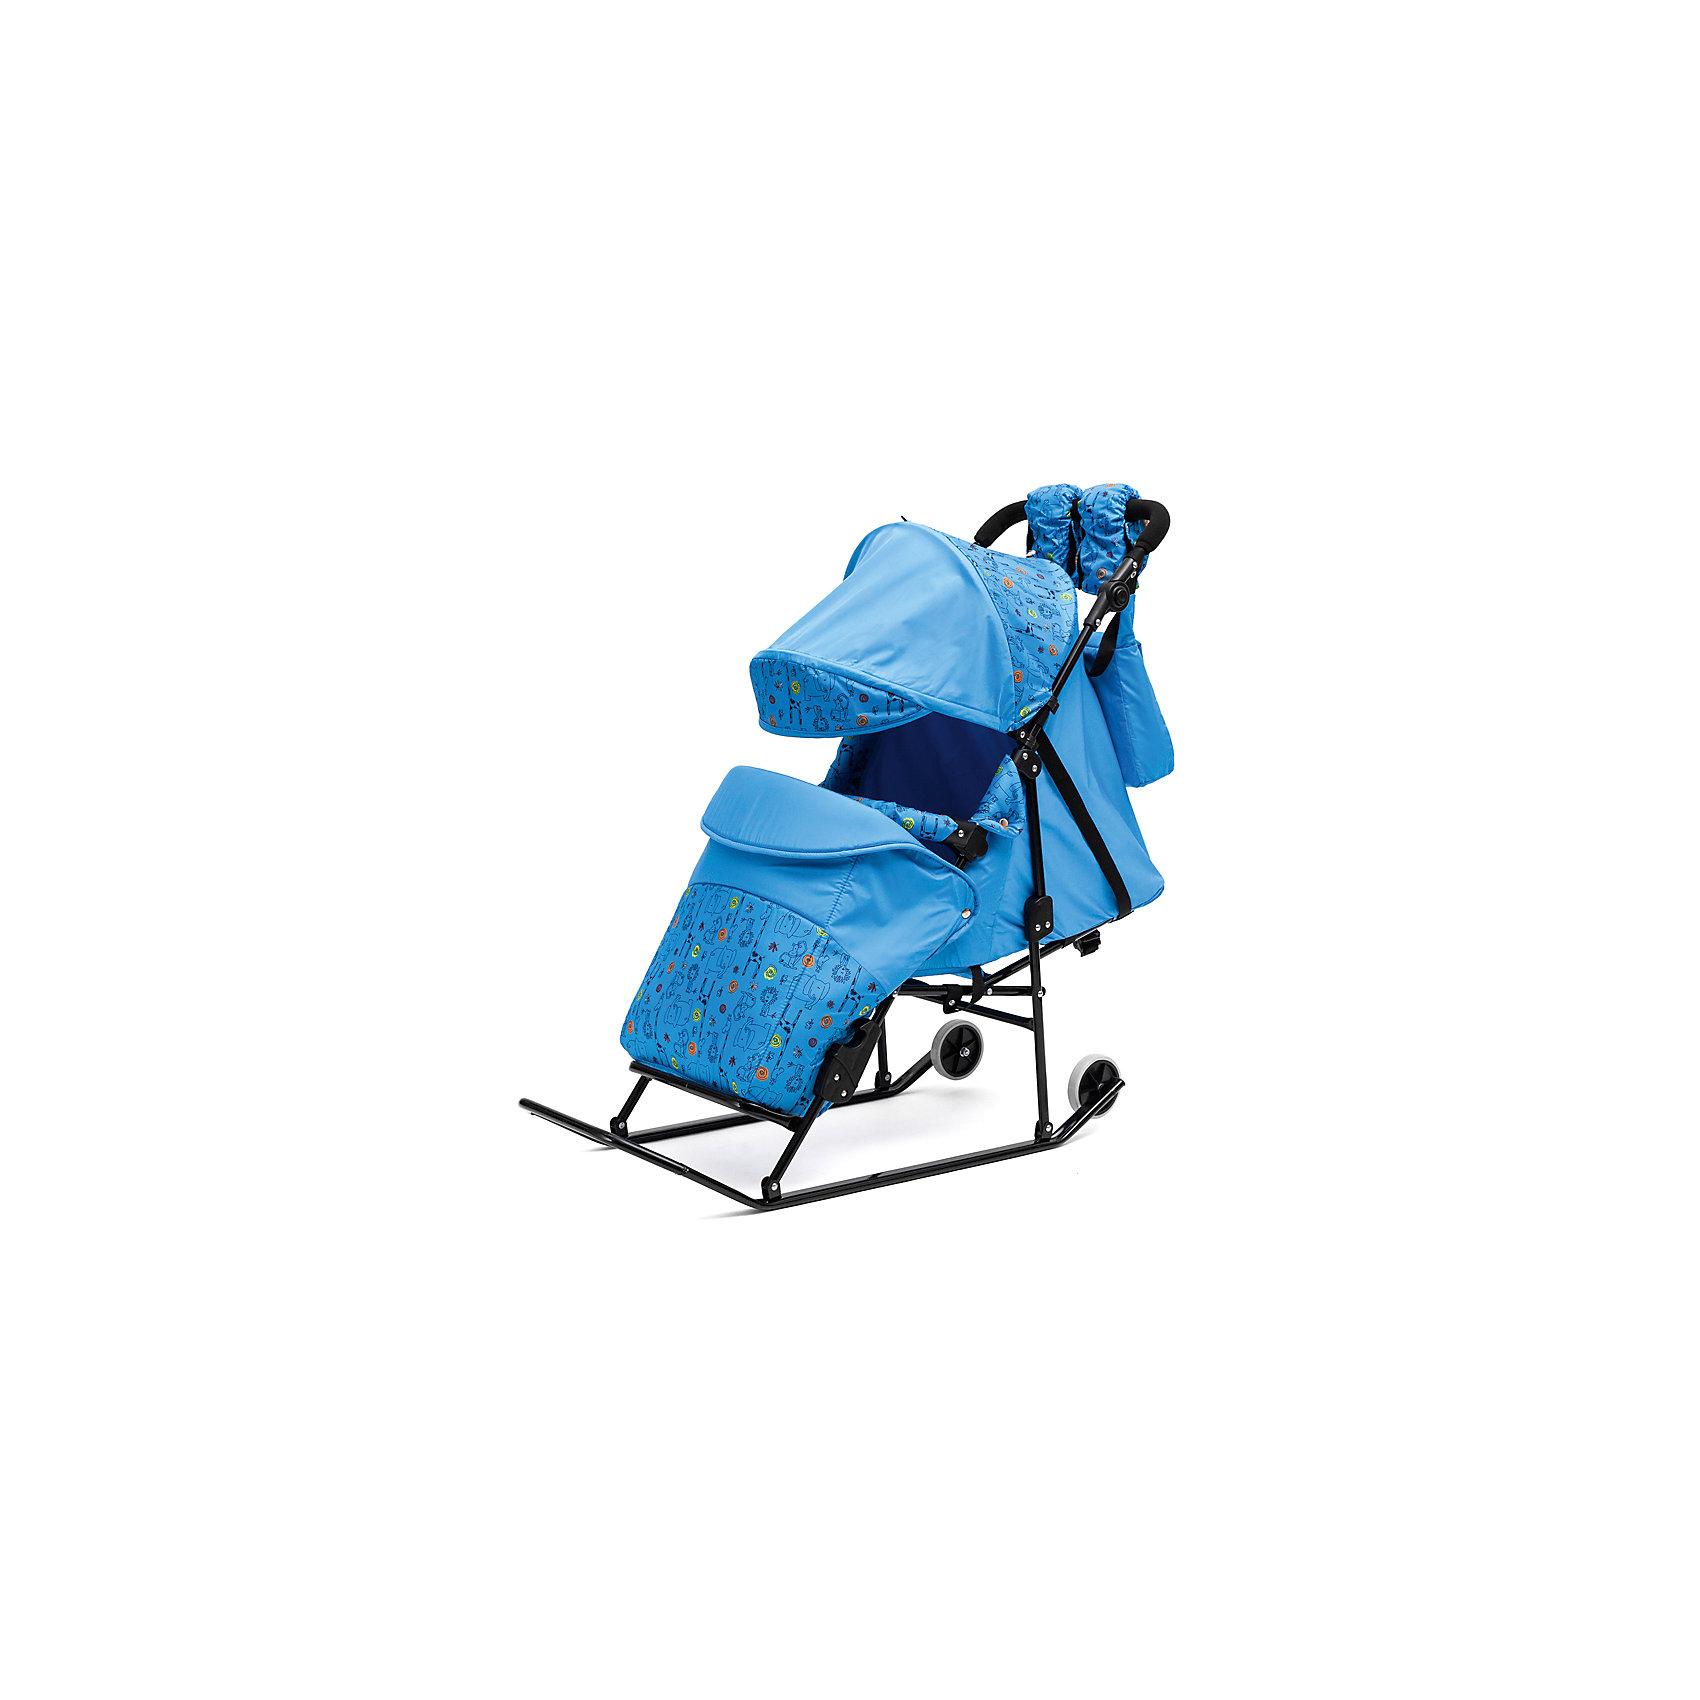 ходунки abc academy 9253 розовые ABC Academy Санки-коляска Зимняя сказка 3В Авто, черная рама, ABC Academy, голубой/зоопарк